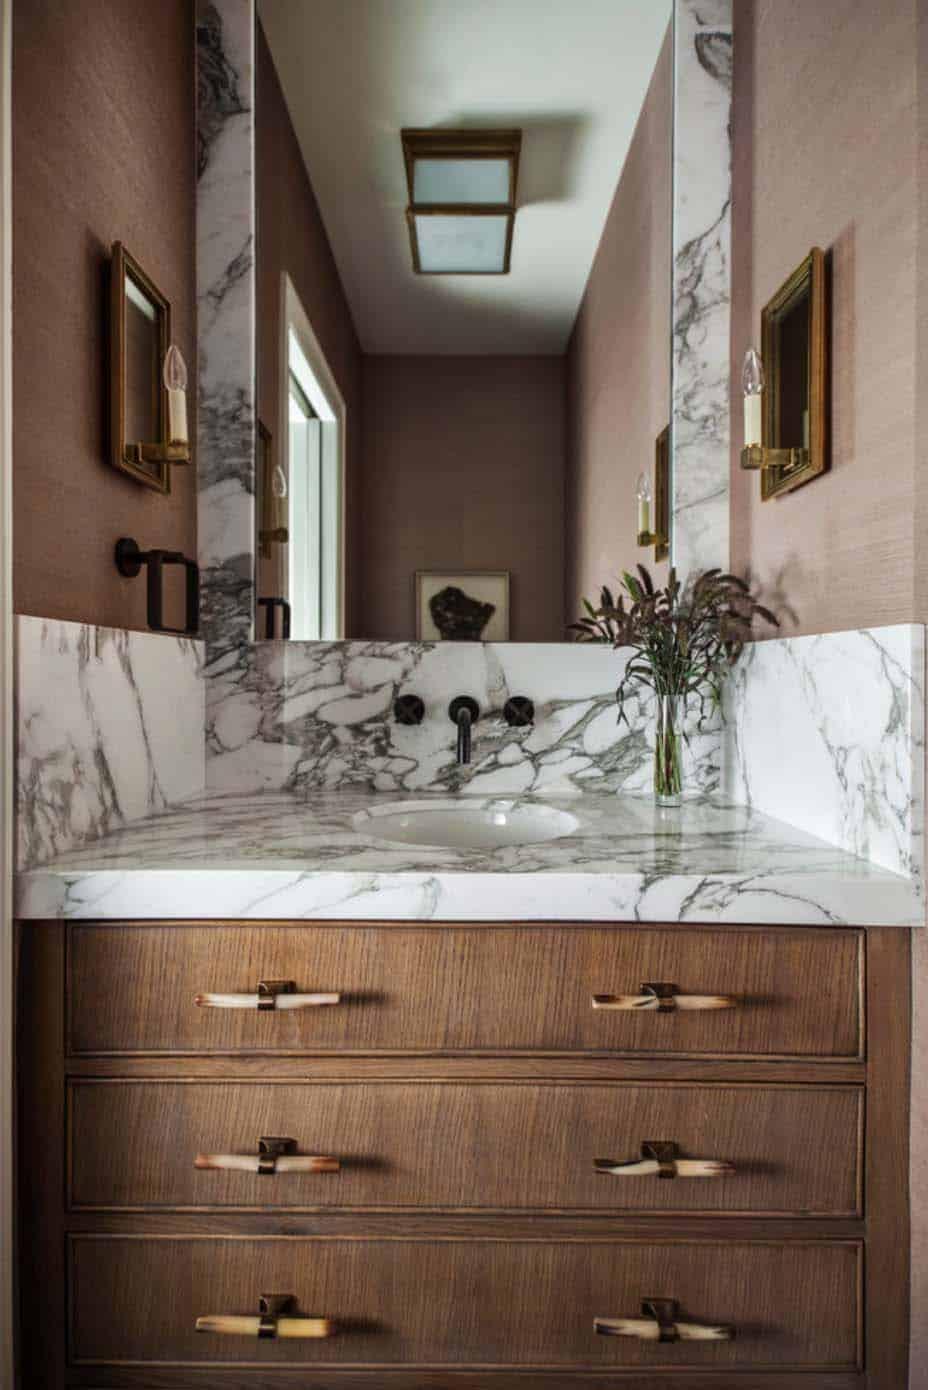 Maison d'hôtes de style cottage-Marie Flanigan Interiors-21-1 Kindesign